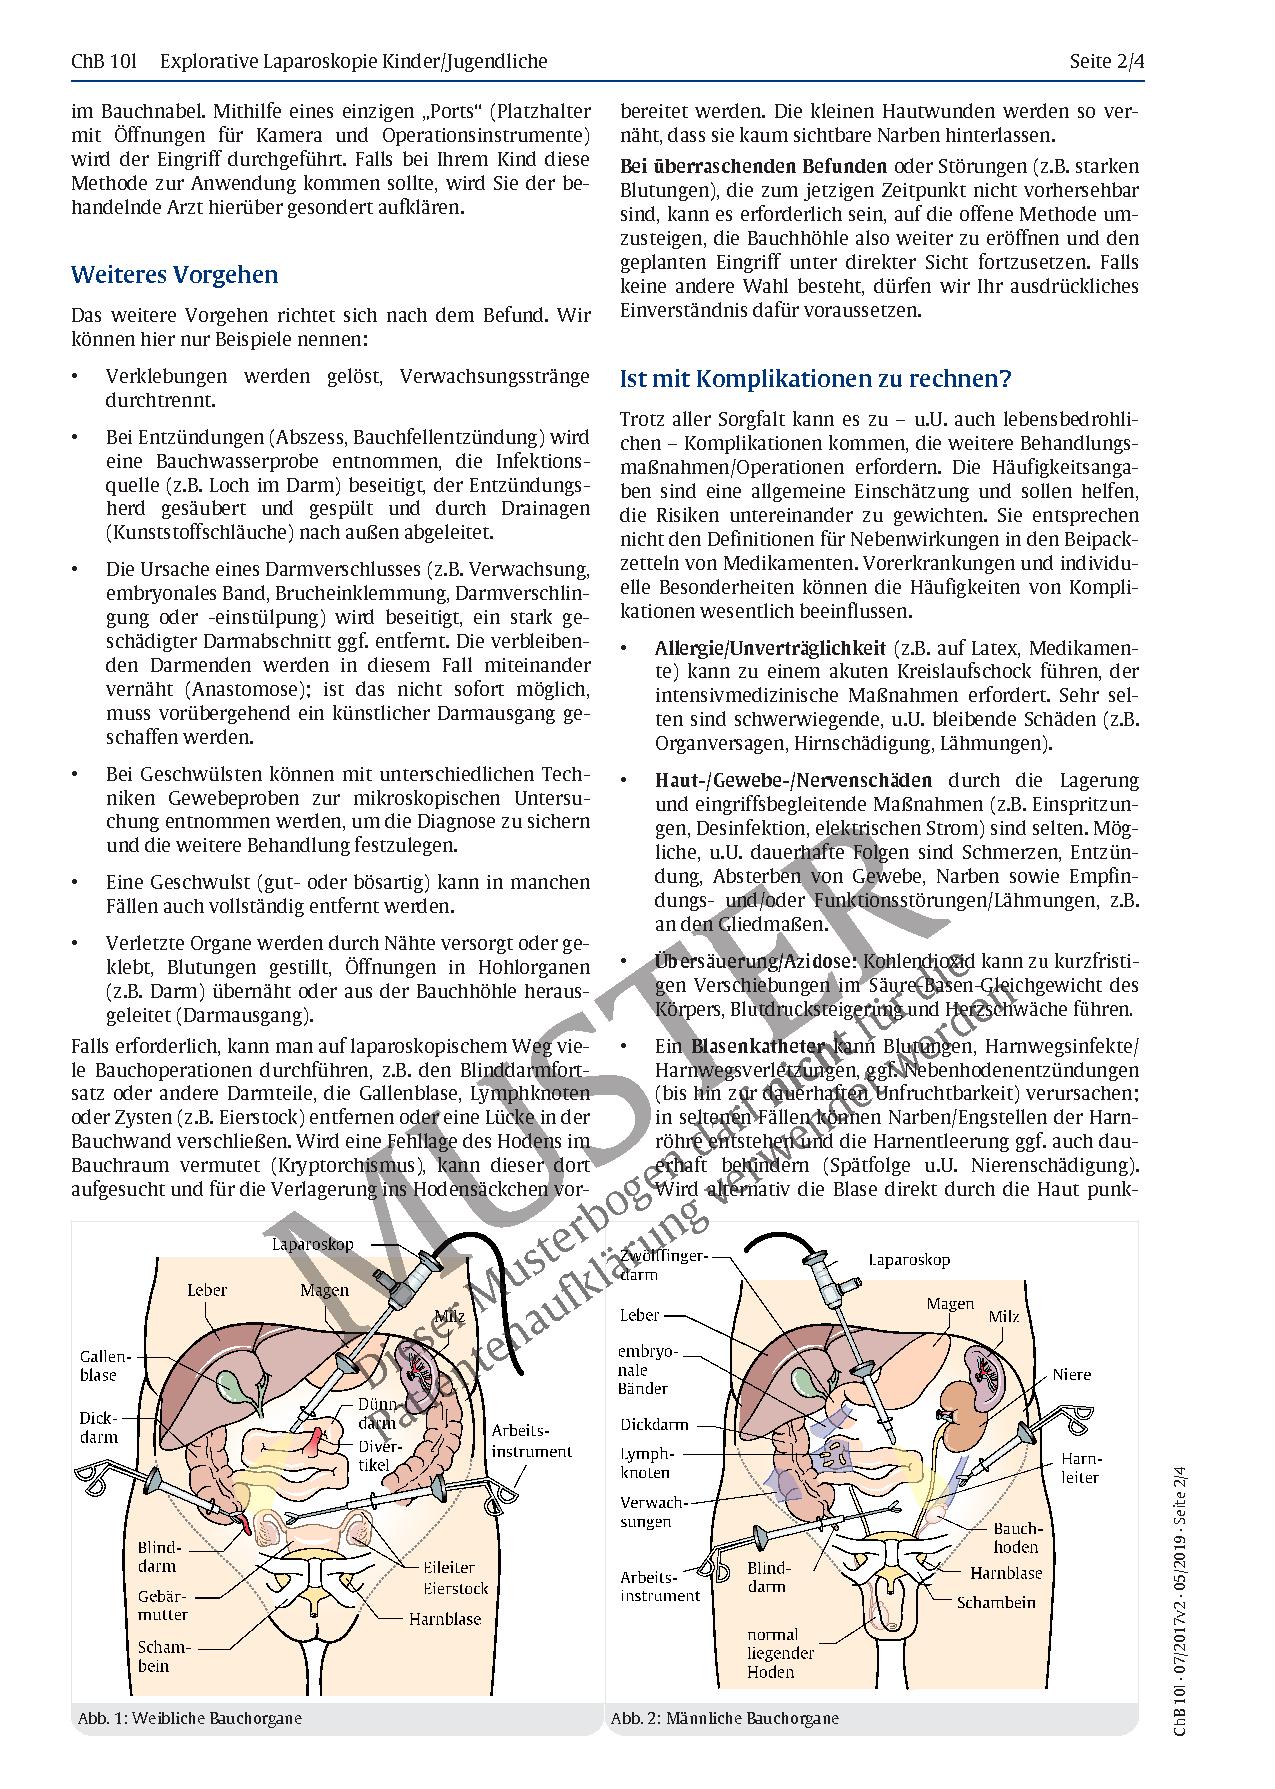 Großartig Bauch Anatomie Bild Bilder - Physiologie Von Menschlichen ...